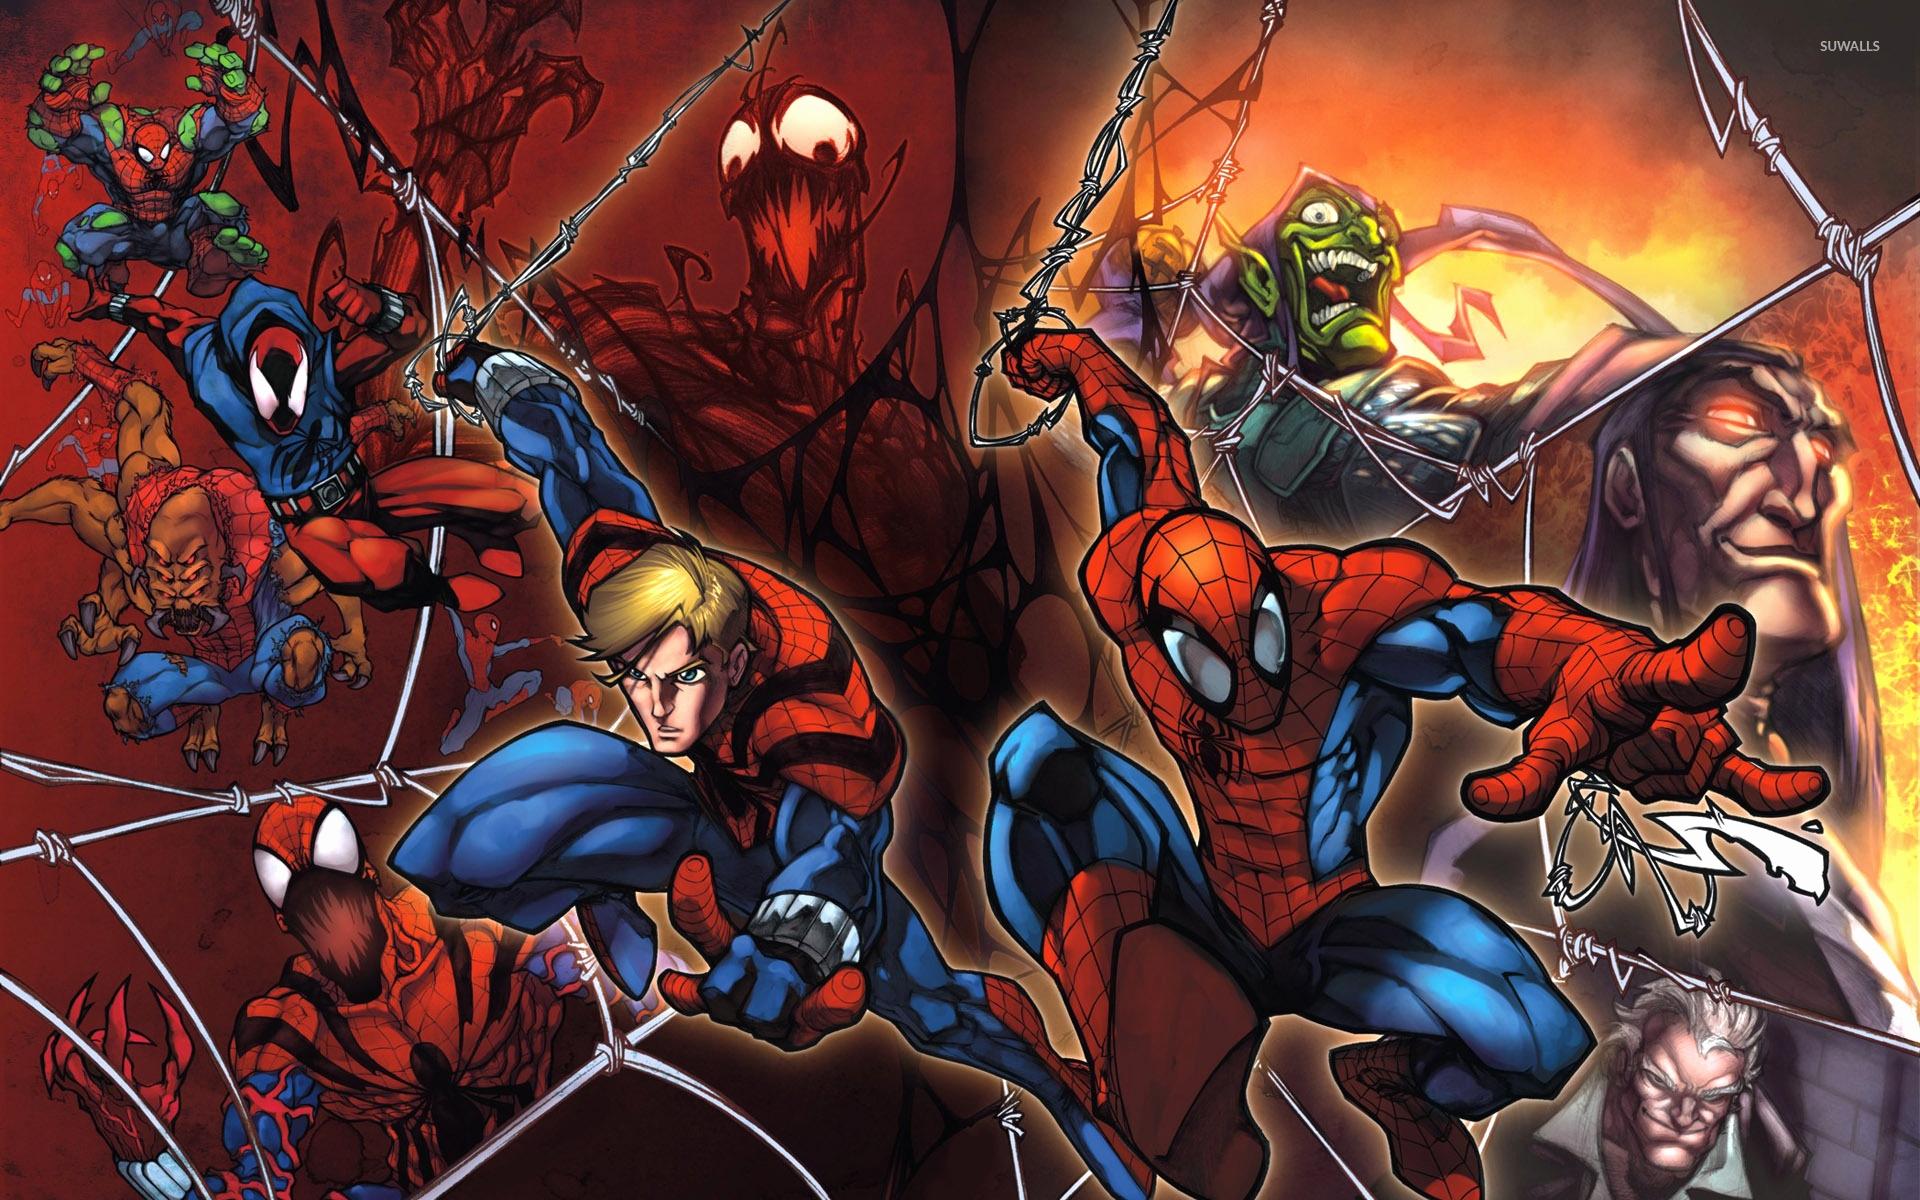 Spider-Verse میتواند مسیرمبارزان عنکبوتی (Web Warriors) را برای رسیدن به آینده شرکت سونی هموار کند.